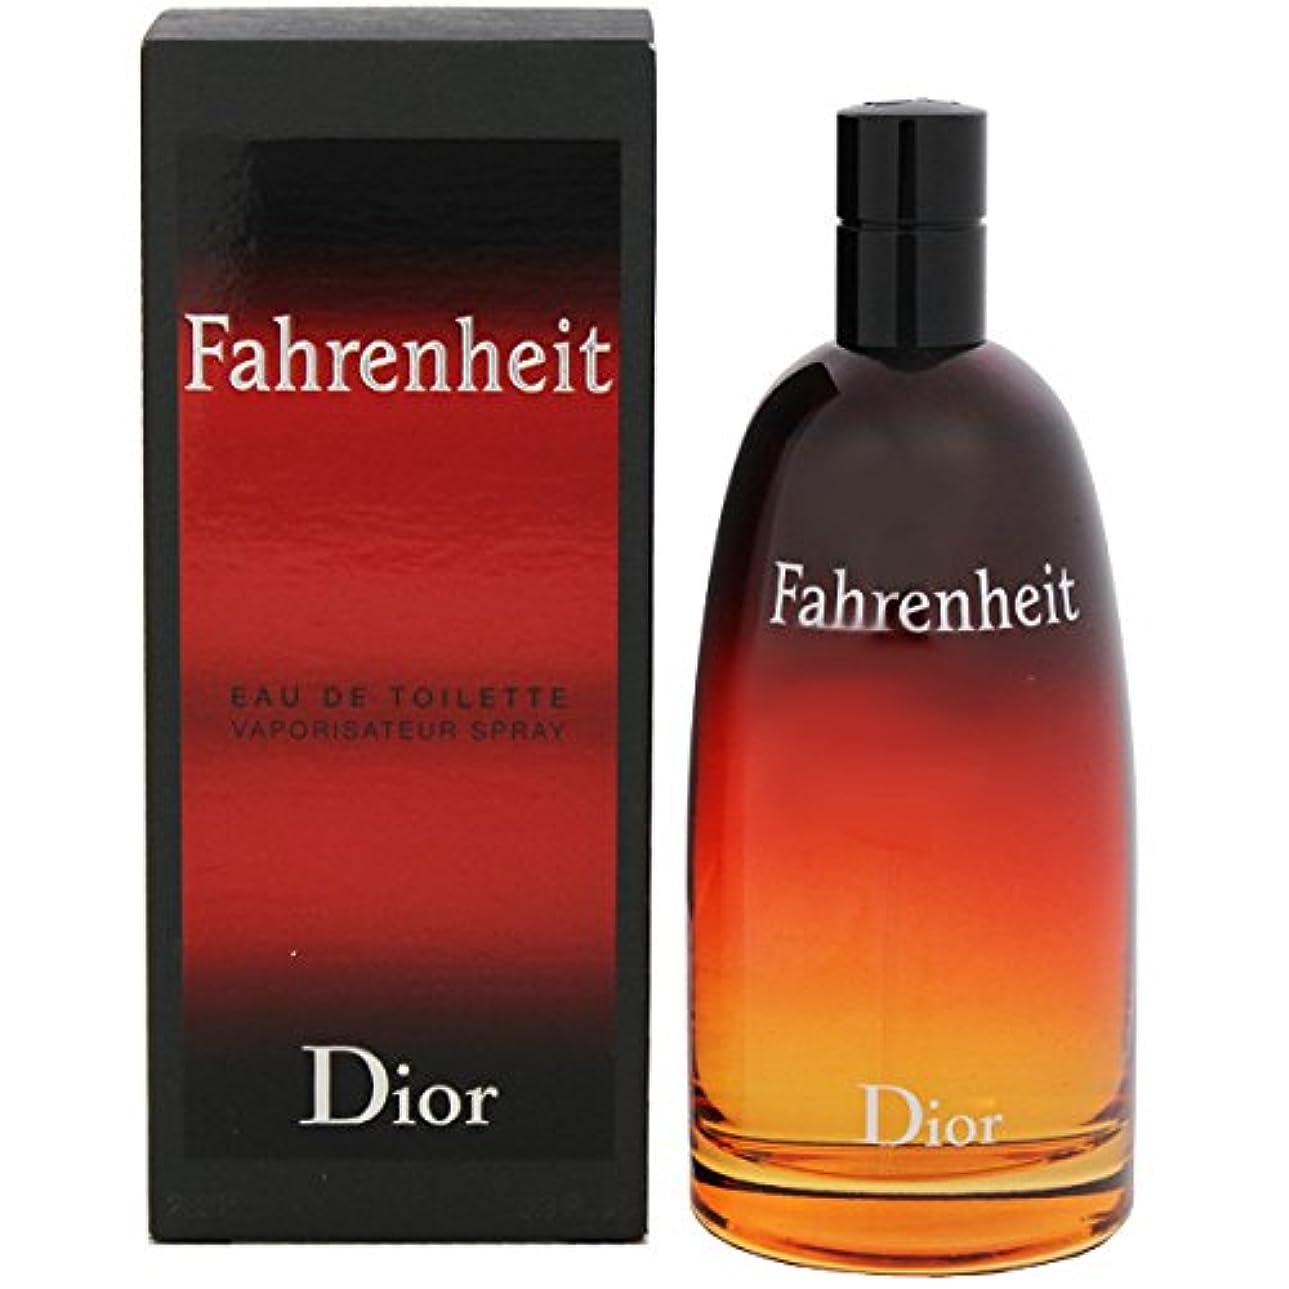 恋人くそー体現するクリスチャン ディオール(Christian Dior) ファーレンハイト オードトワレ?スプレータイプ 200ml[並行輸入品]